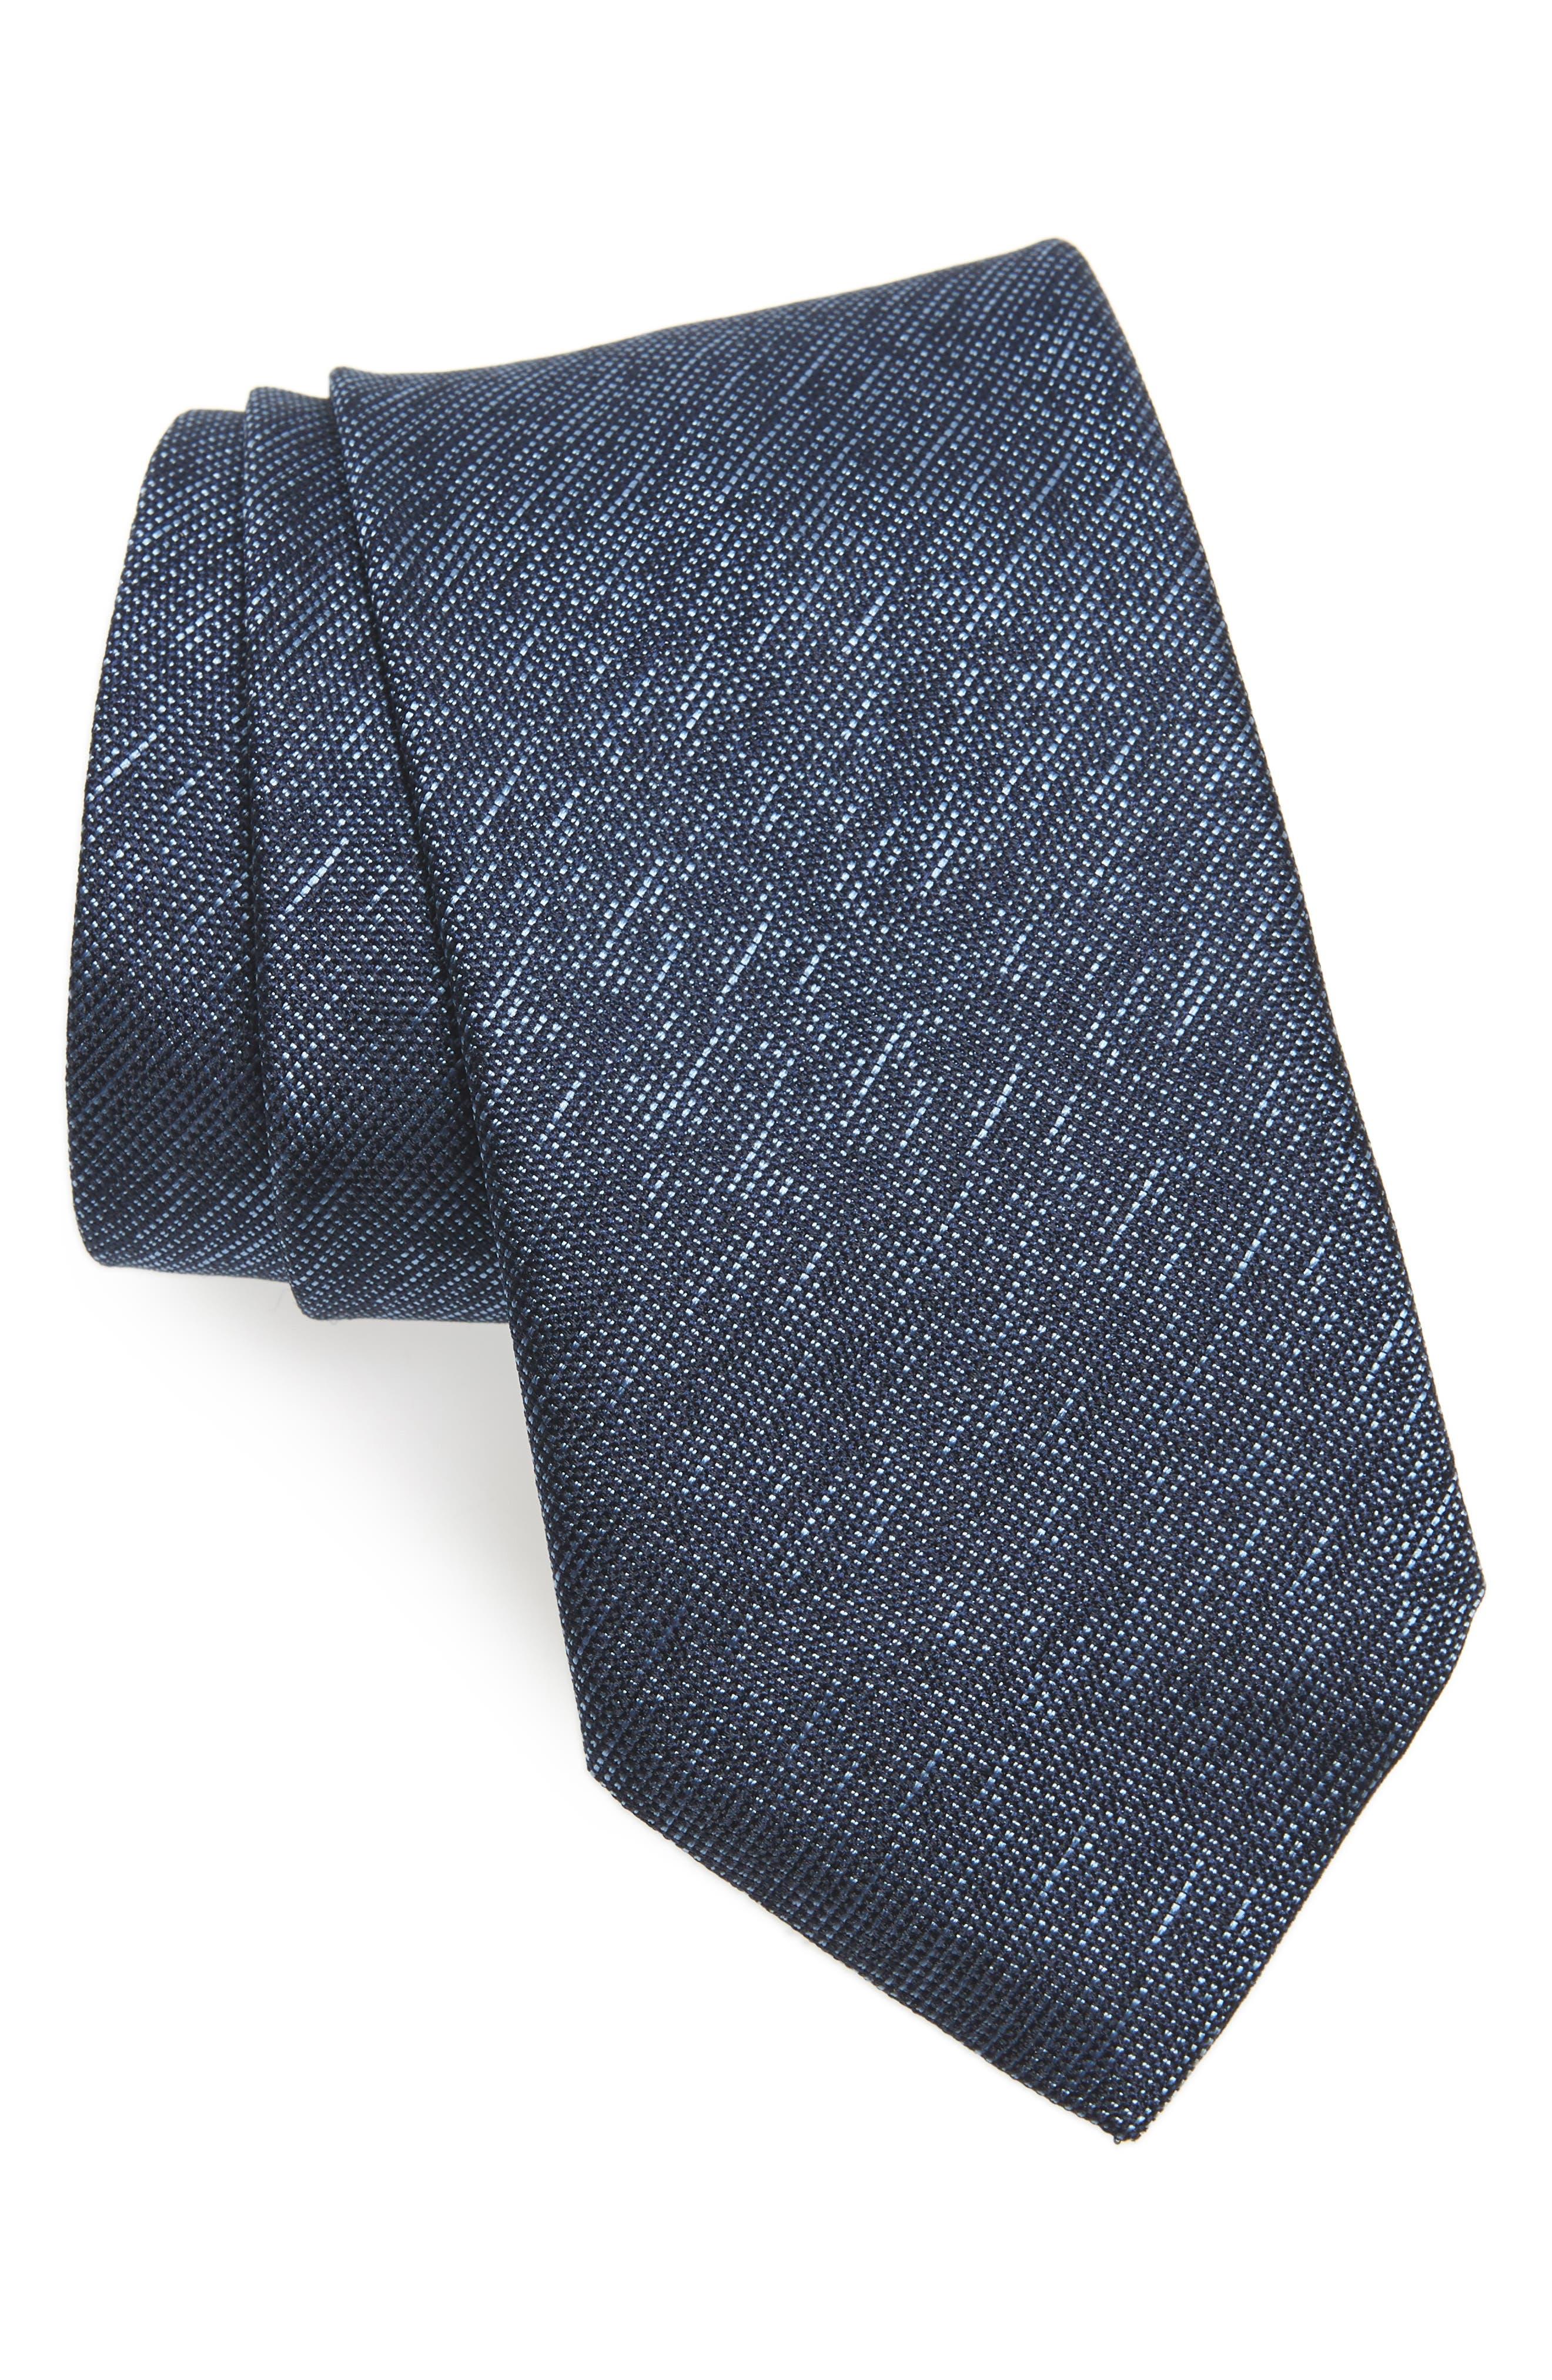 Solid Silk Tie,                         Main,                         color, BLUE MARINE